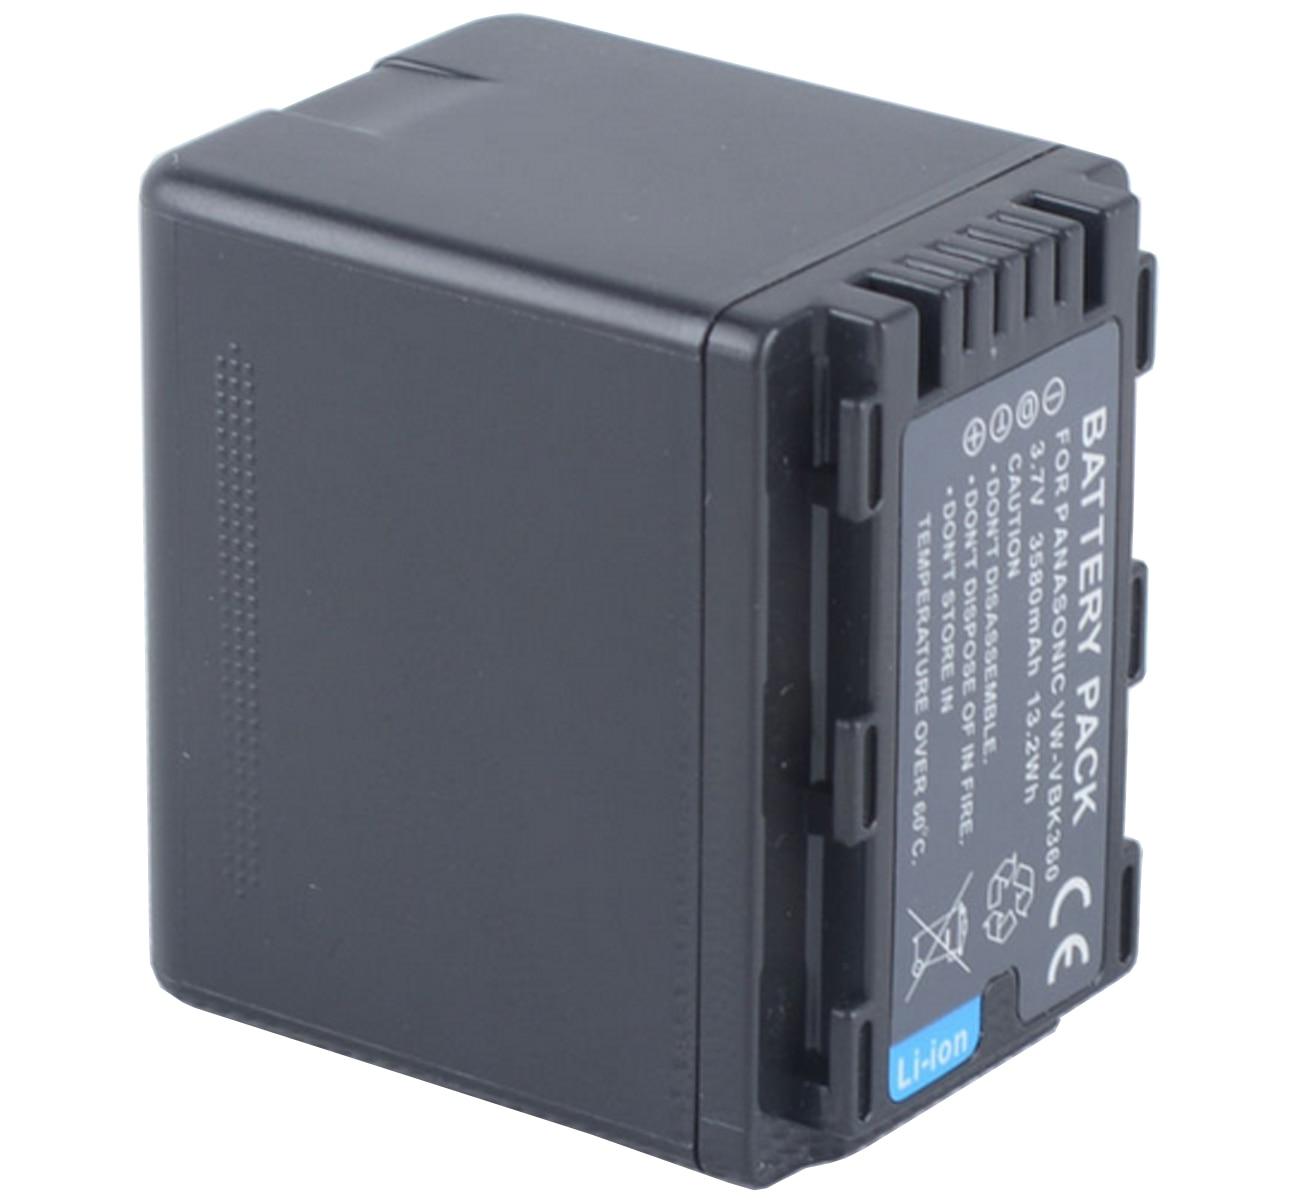 LCD USB Battery Charger for Panasonic HC-V770 HC-V770MK Full HD Camcorder HC-V770K HC-V770M